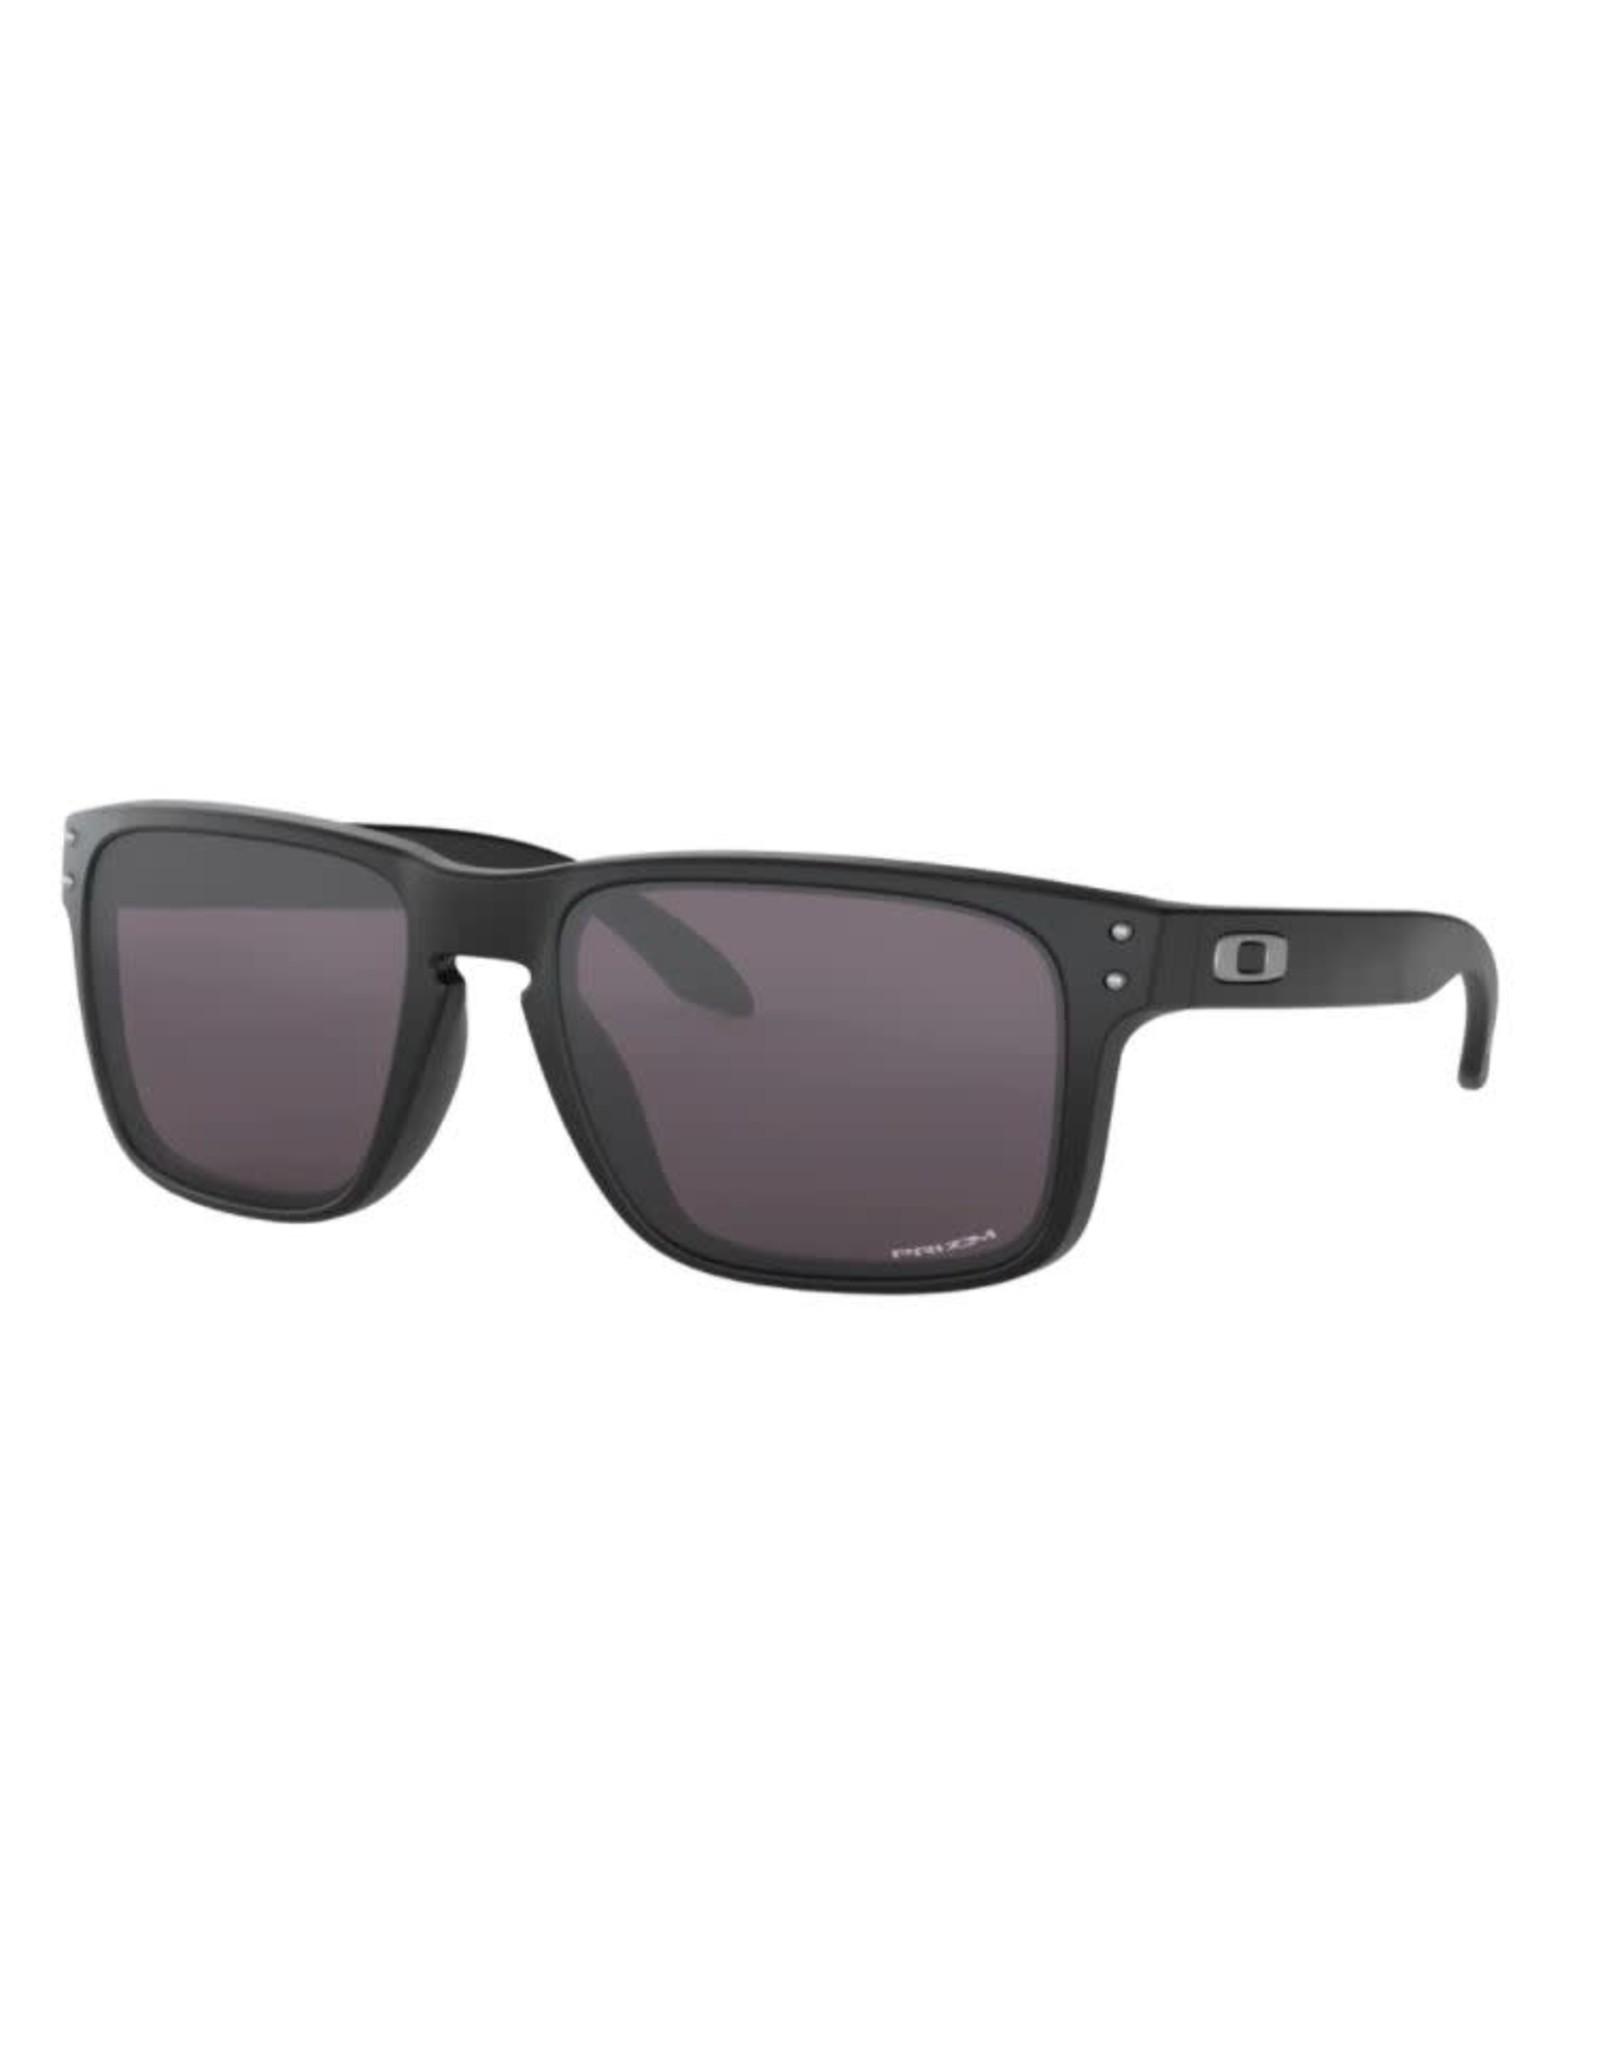 Oakley Oakley - Lunette homme holbrook xl matte black/lens prizm grey